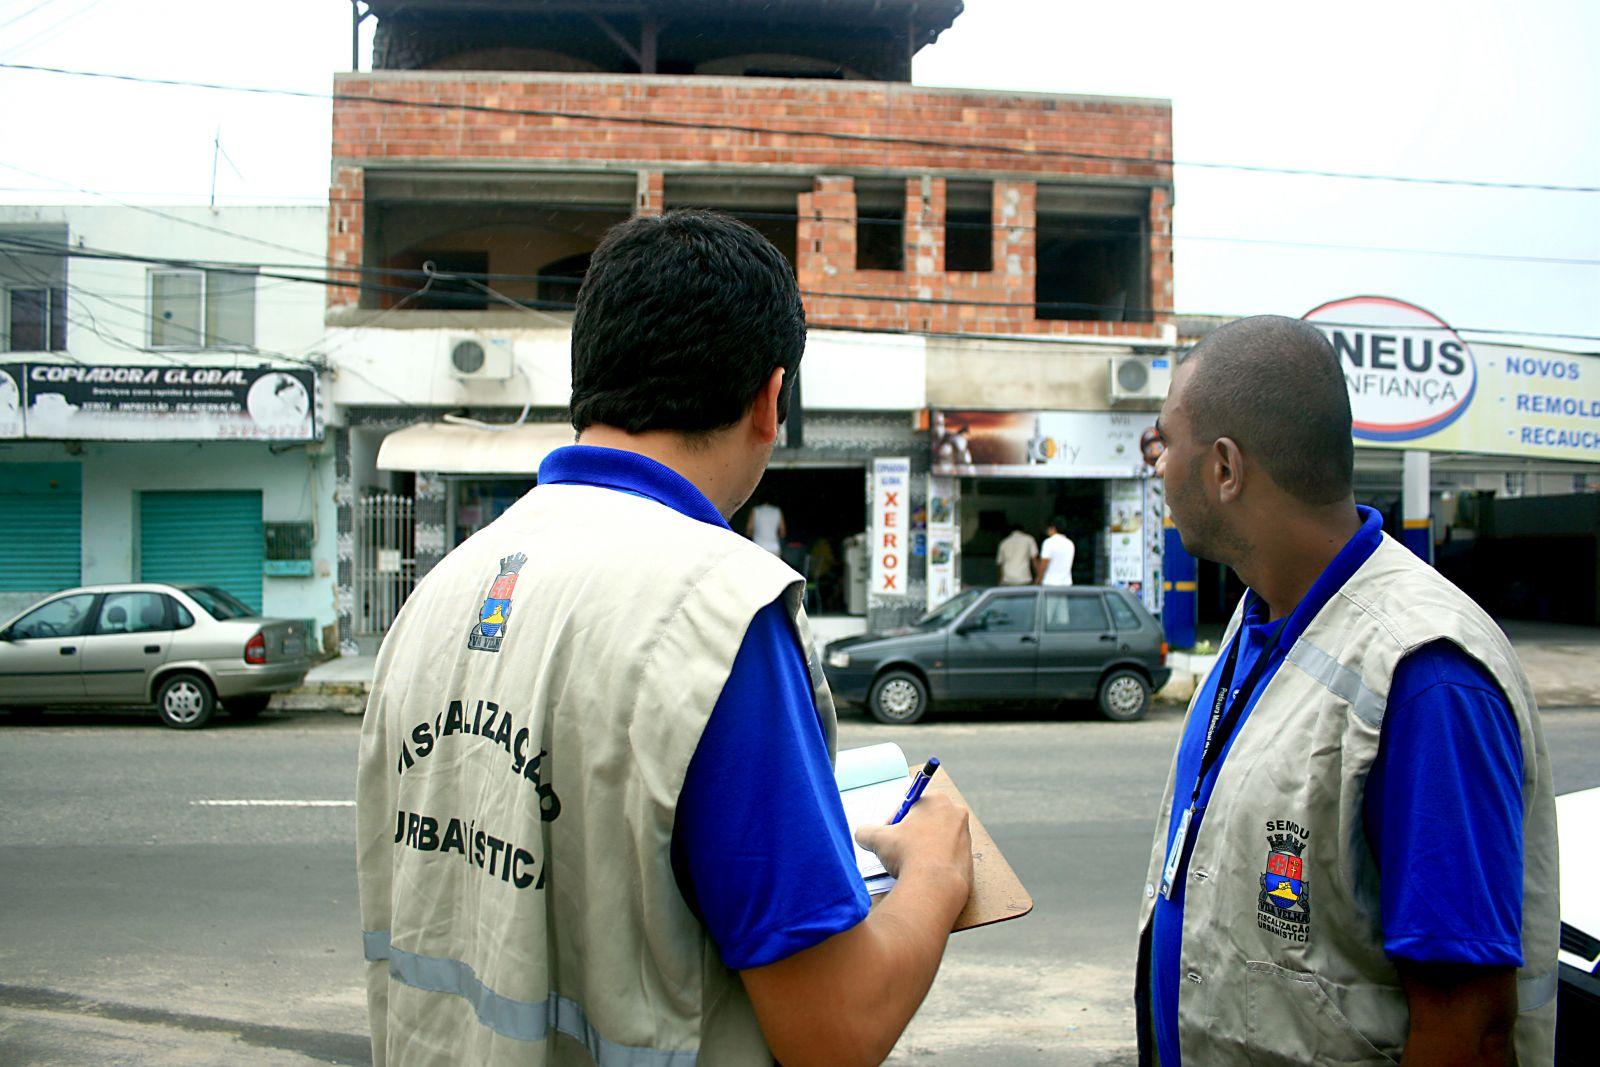 Fiscais Urbanísticos executando o trabalho em campo